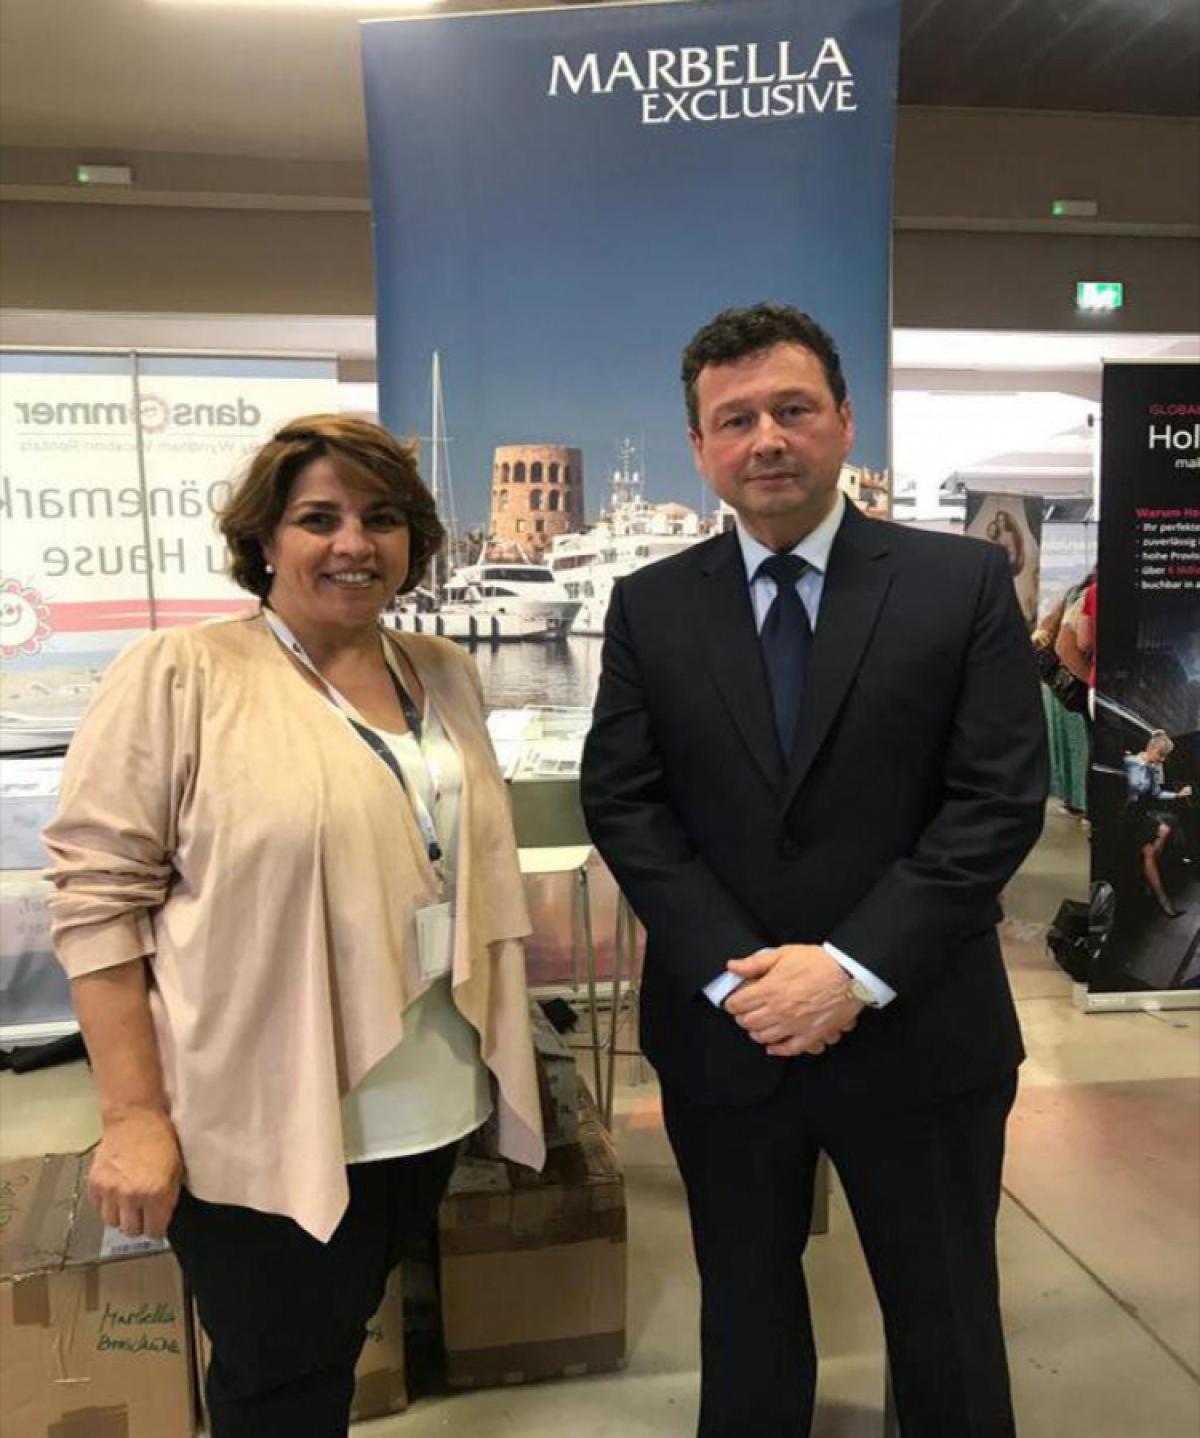 Marbella promociona su oferta turística en el congreso anual de TSS Group que se celebra en Alemania